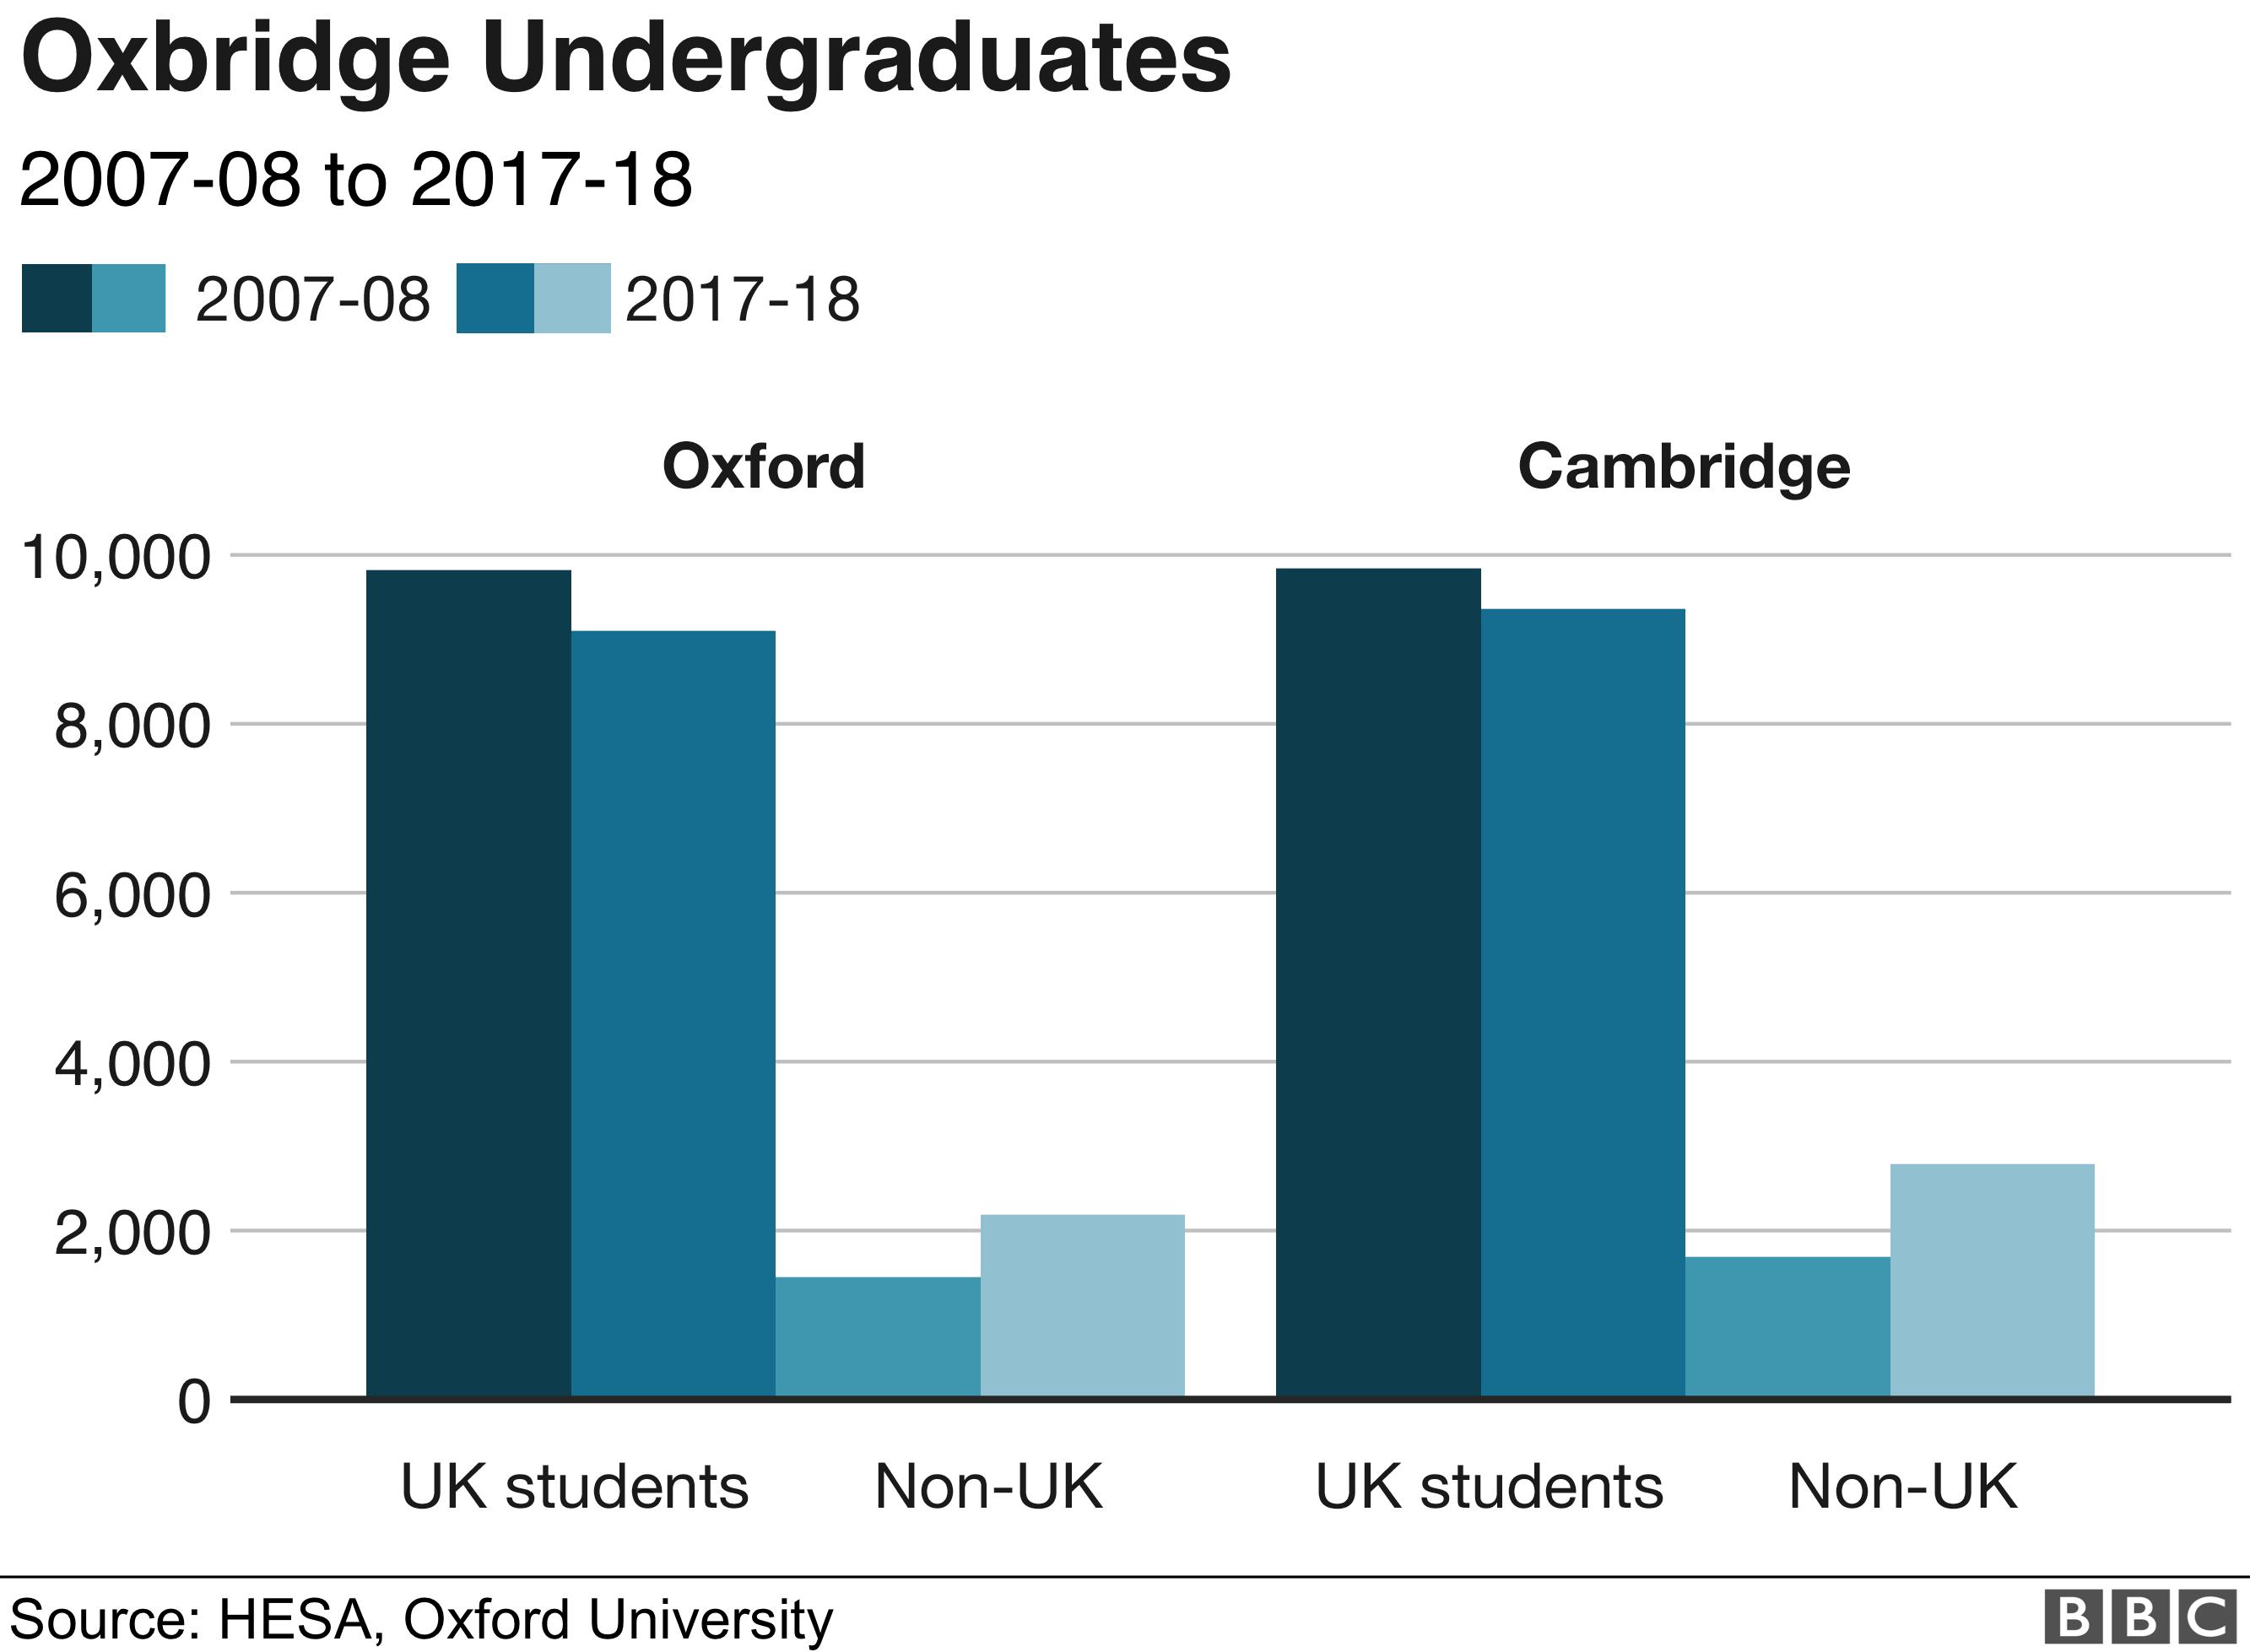 Oxbridge numbers chart